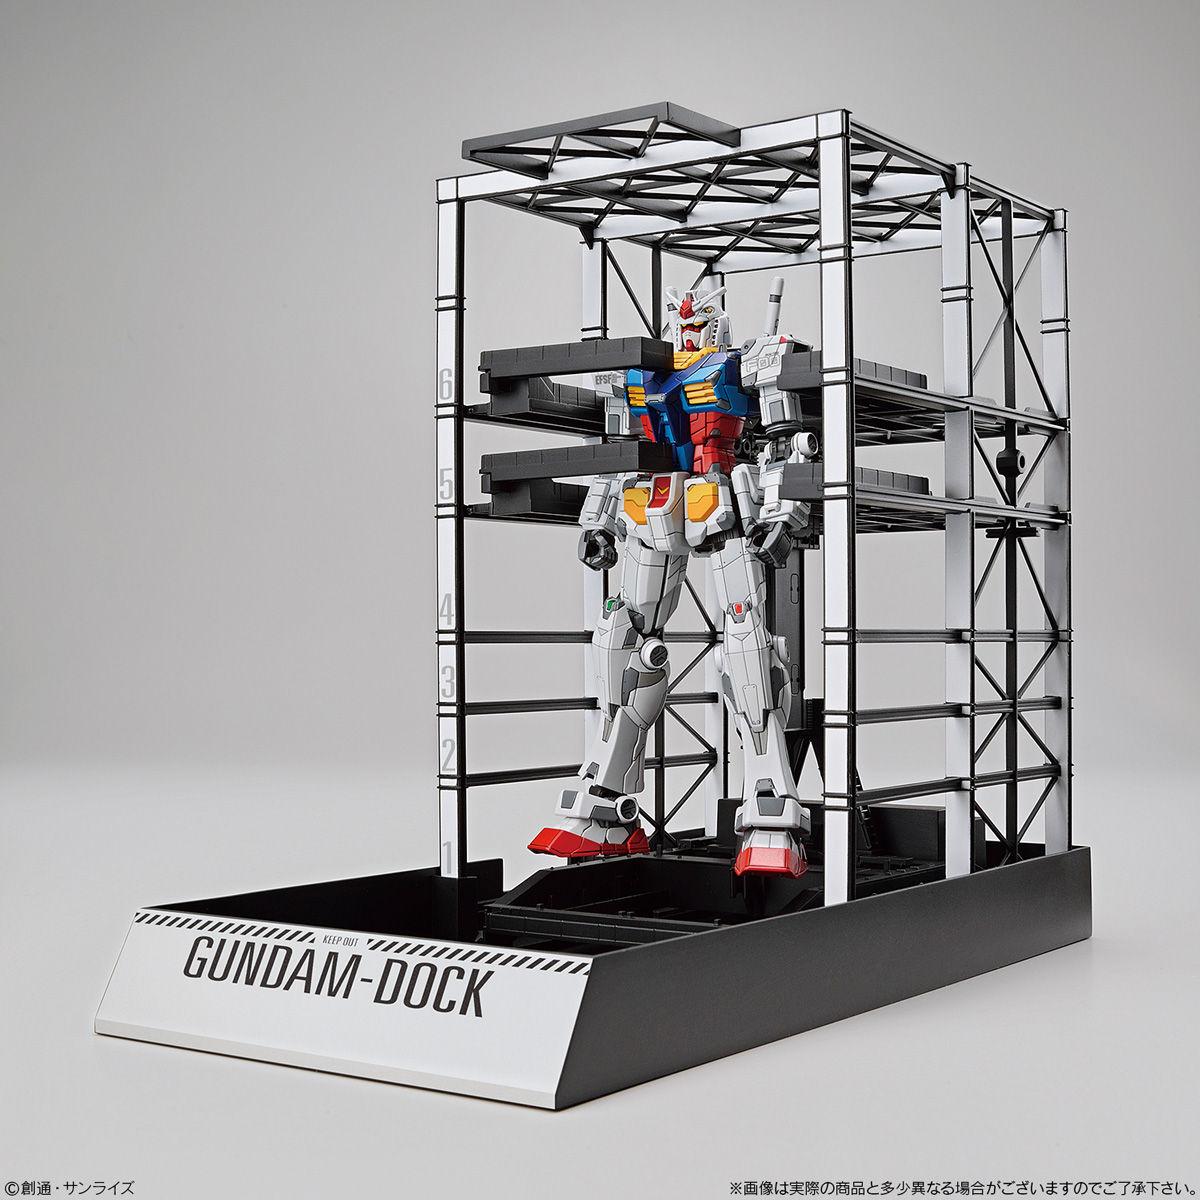 【先行販売】GUNDAM FACTORY YOKOHAMA『RX-78F00 ガンダム&ガンダムドック』1/144 プラモデル-004